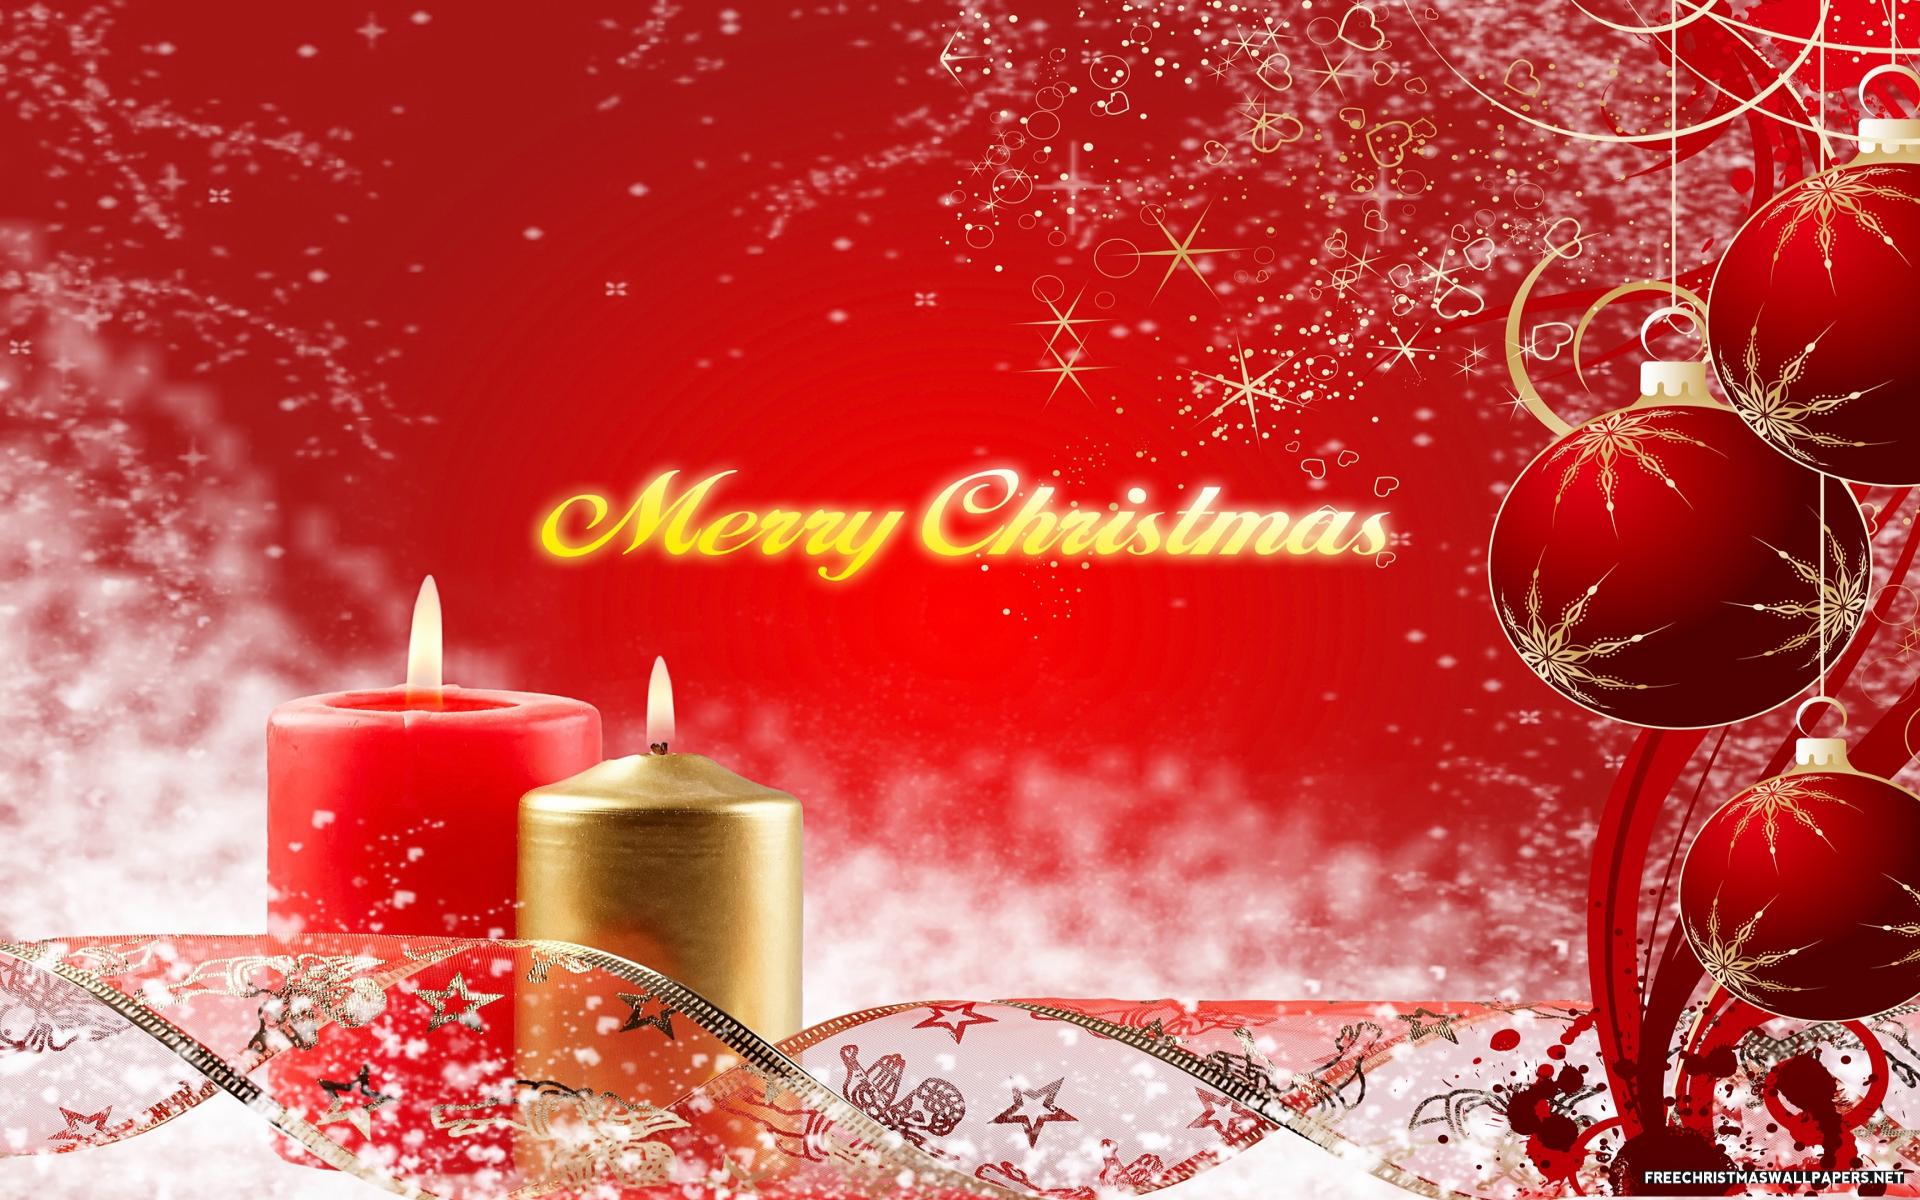 merry christmas desktop wallpaper wallpapersafari